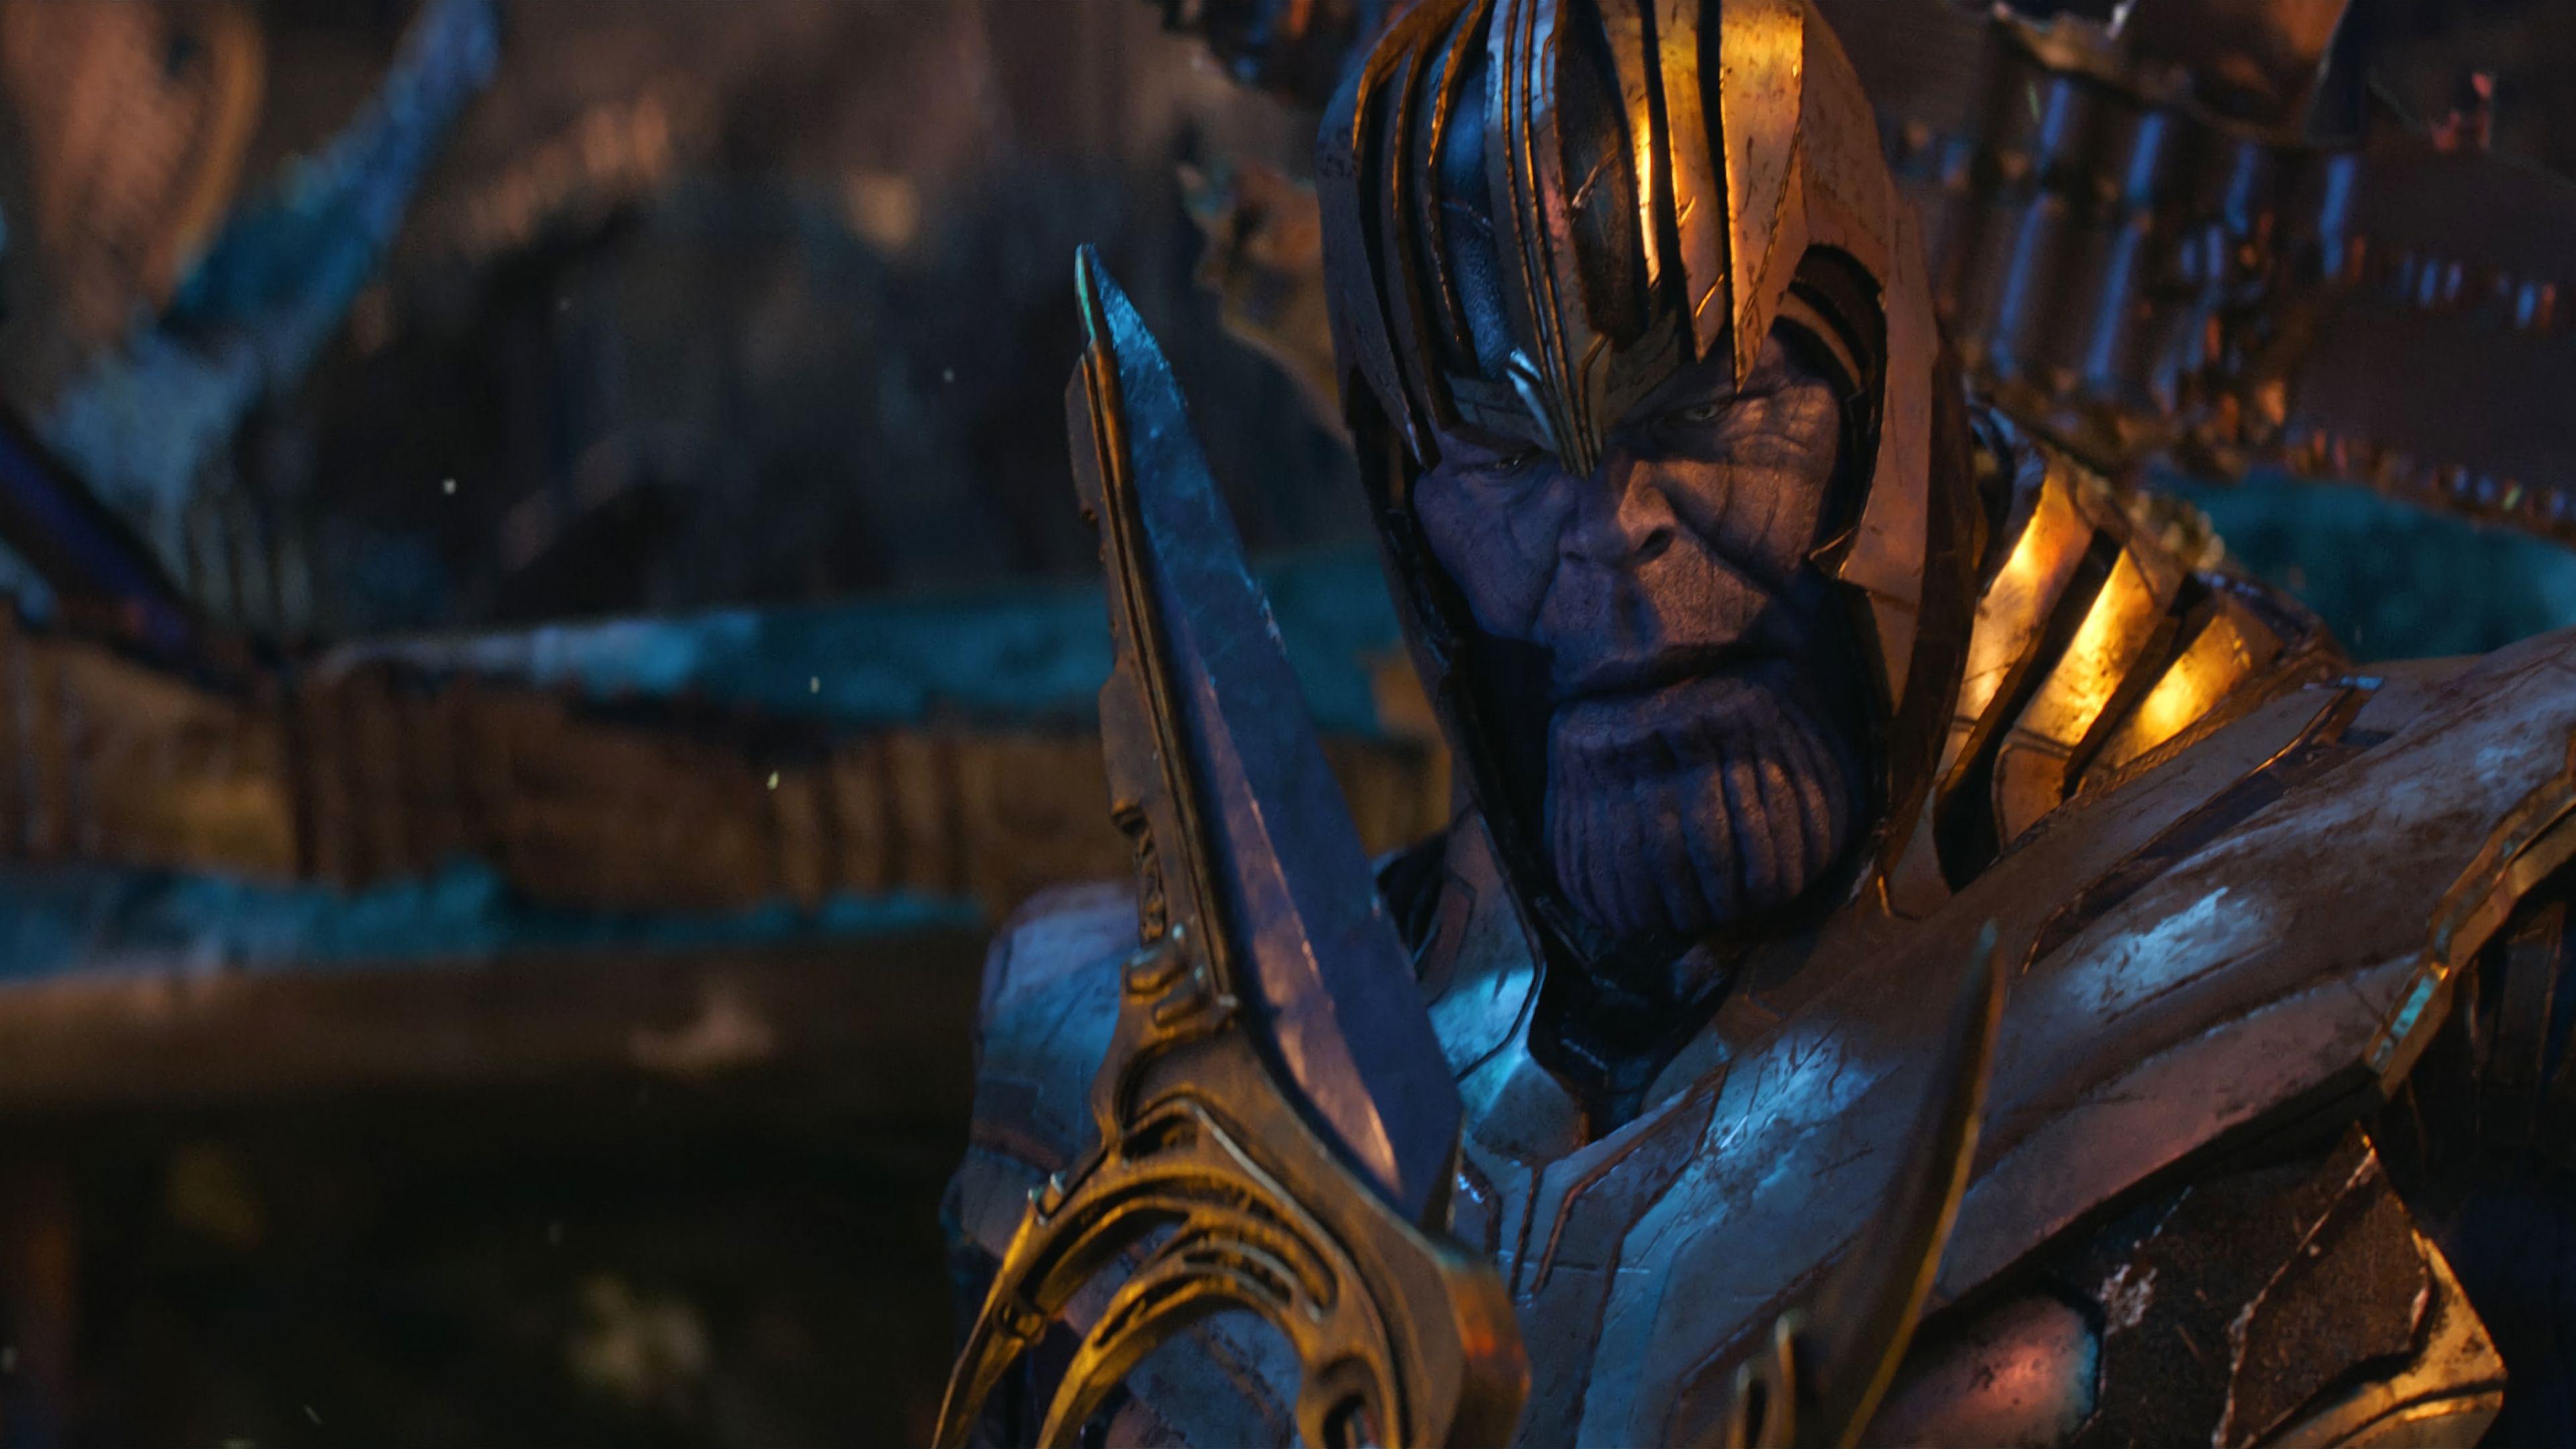 Wallpaper 4k Thanos War 4k Wallpaper Avengers Infinity War Thanos